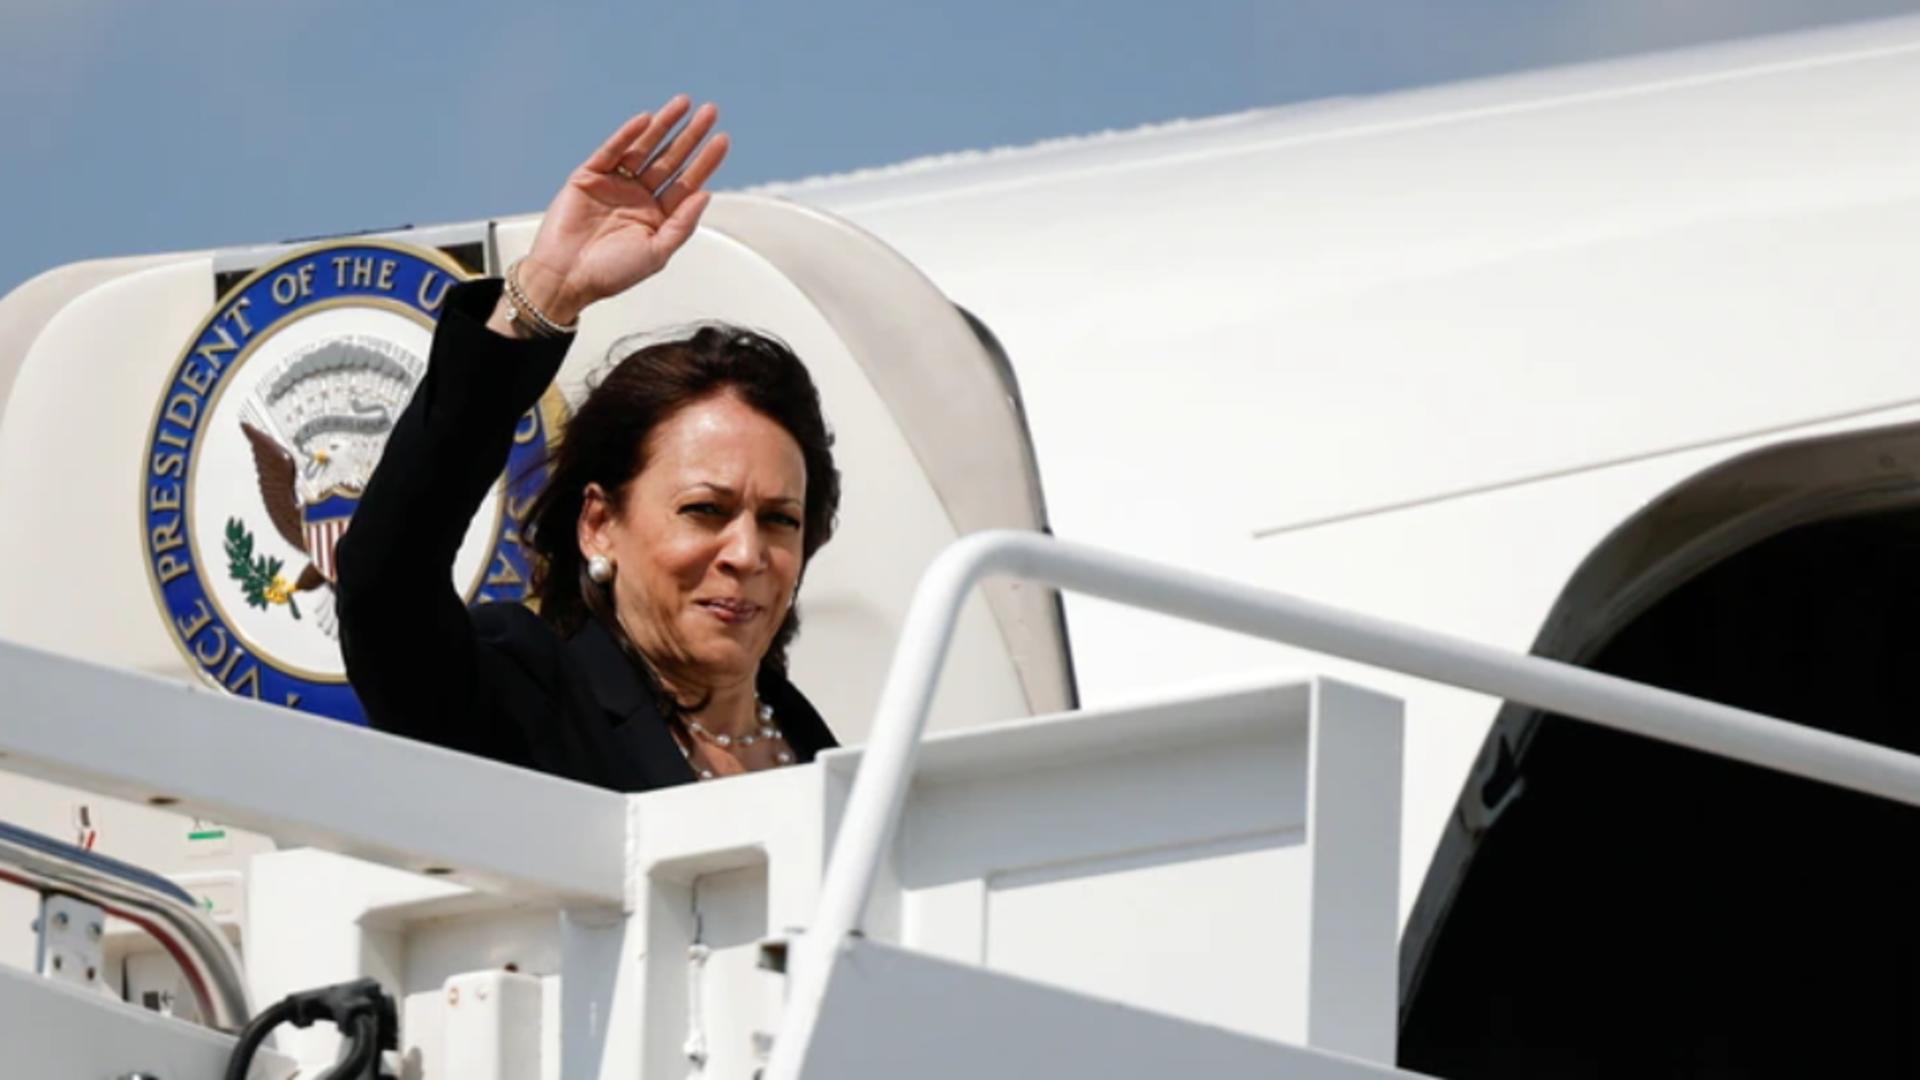 Avionul vicepreședintelui SUA, întors de urgență la sol - Ce s-a întâmplat Foto: Twitter